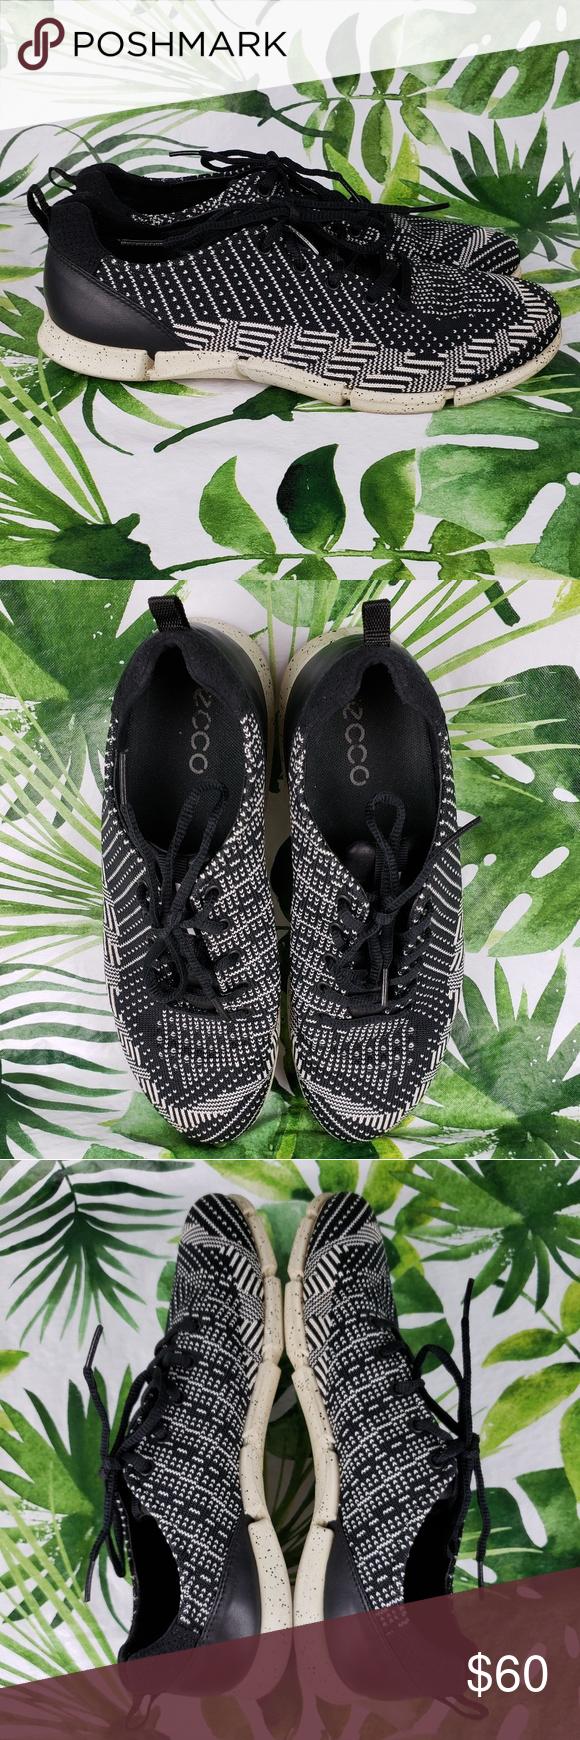 Ecco Danish Design Fashion Sneakers 39